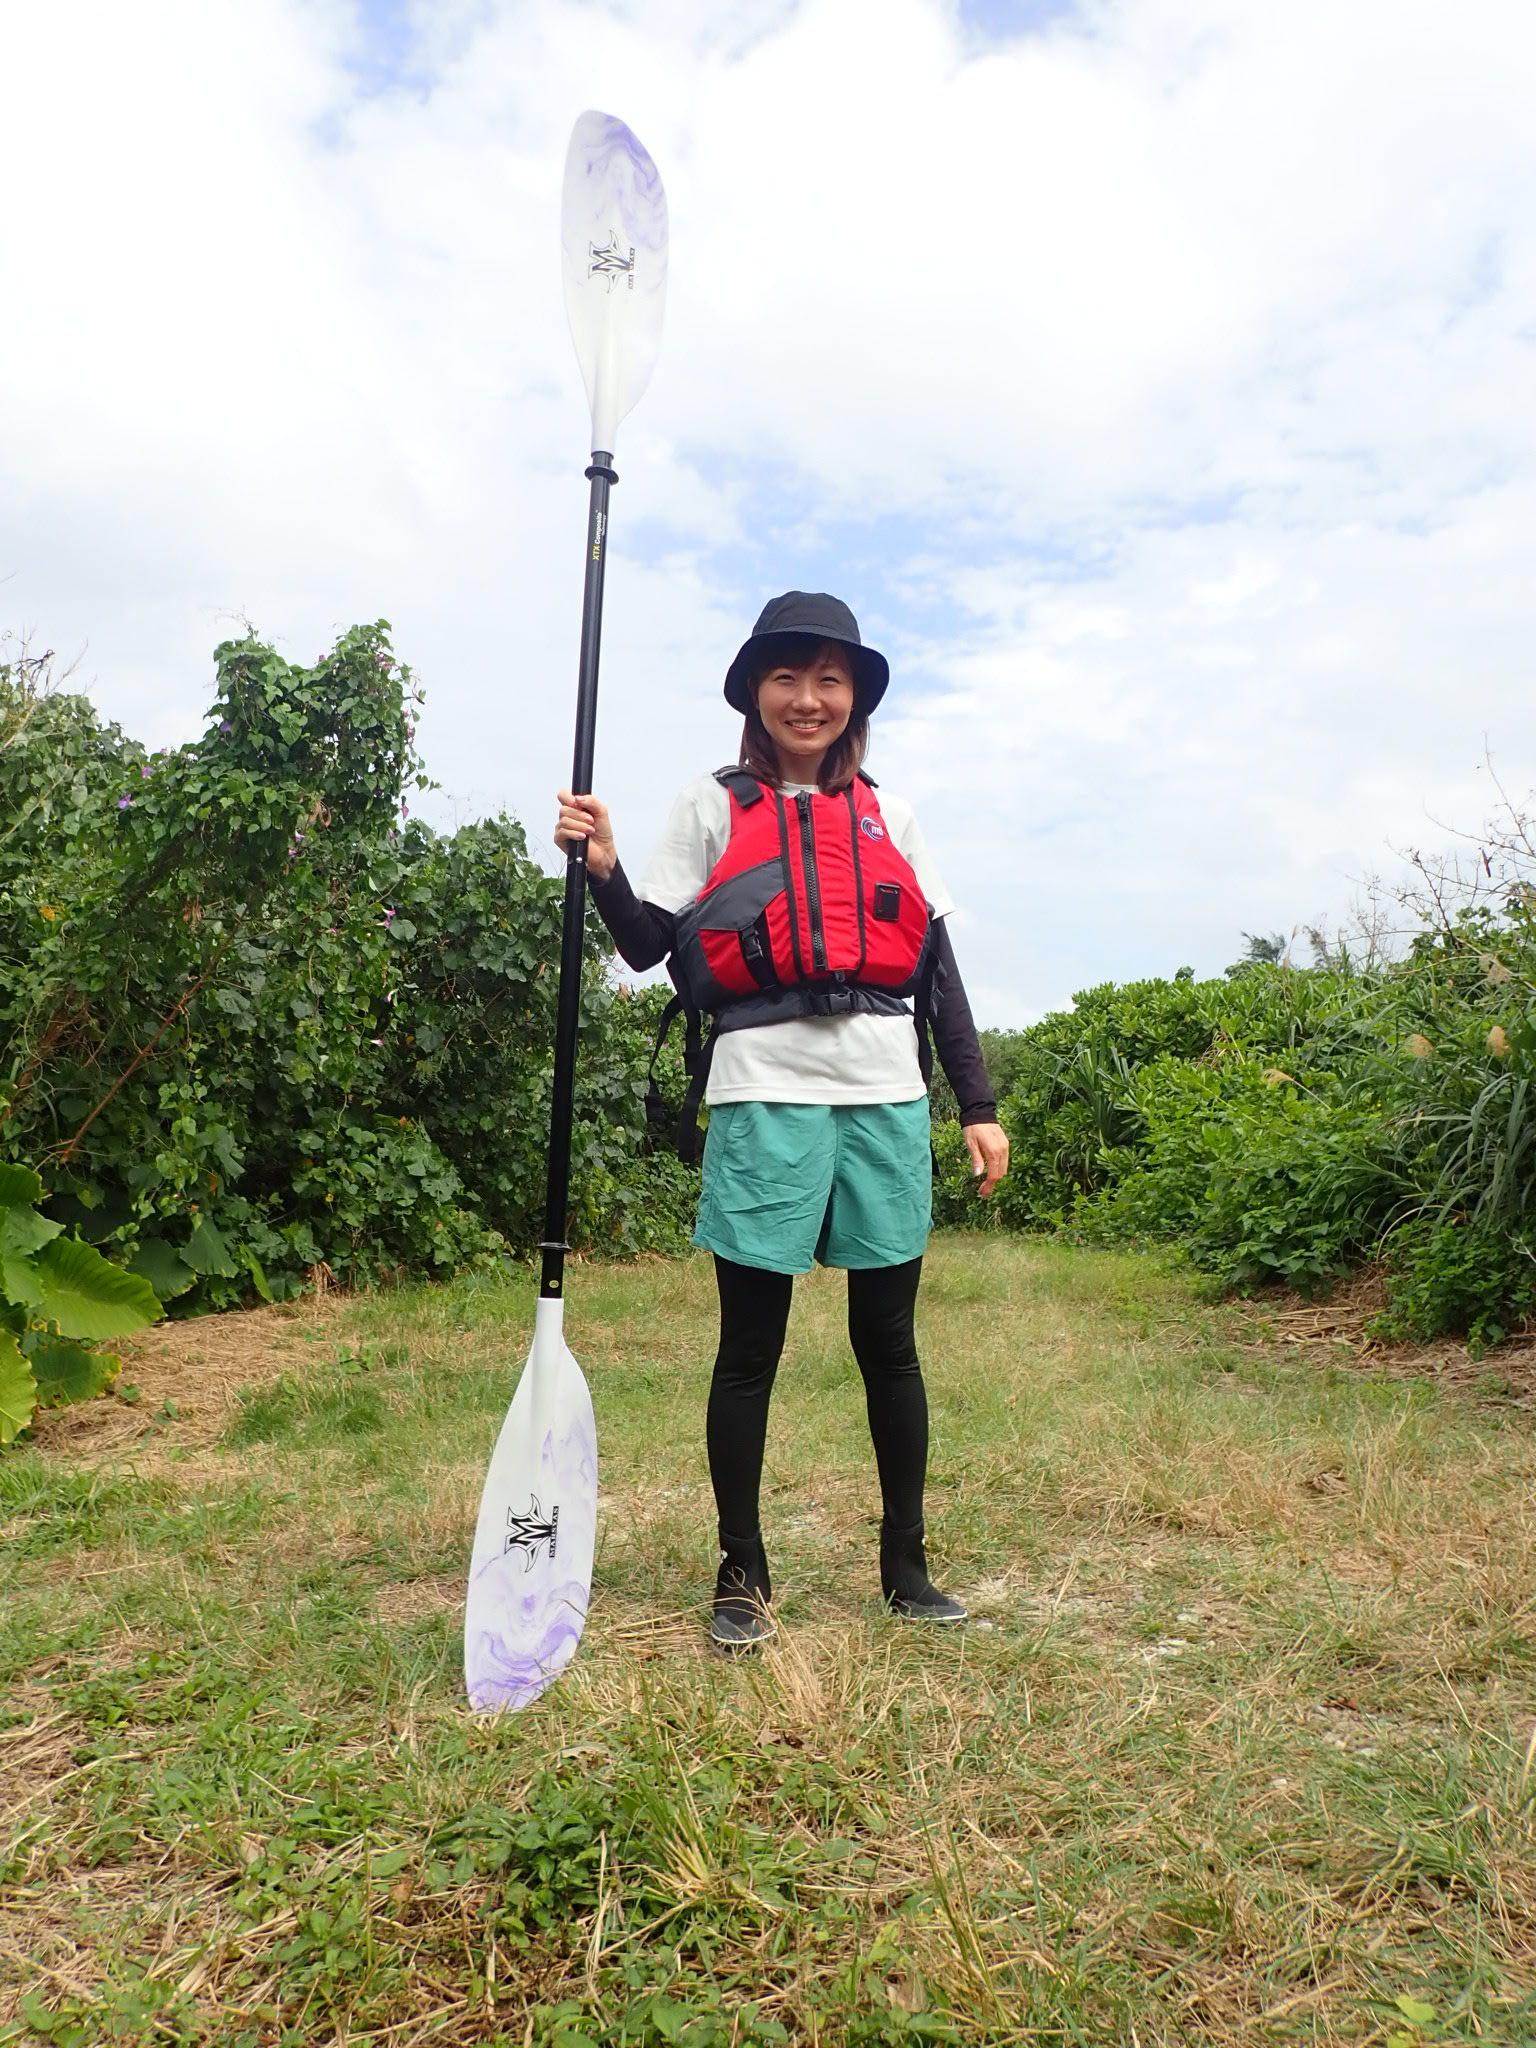 西表島でカヌーツアーやシュノーケルツアーに参加する時の服装のおすすめは?